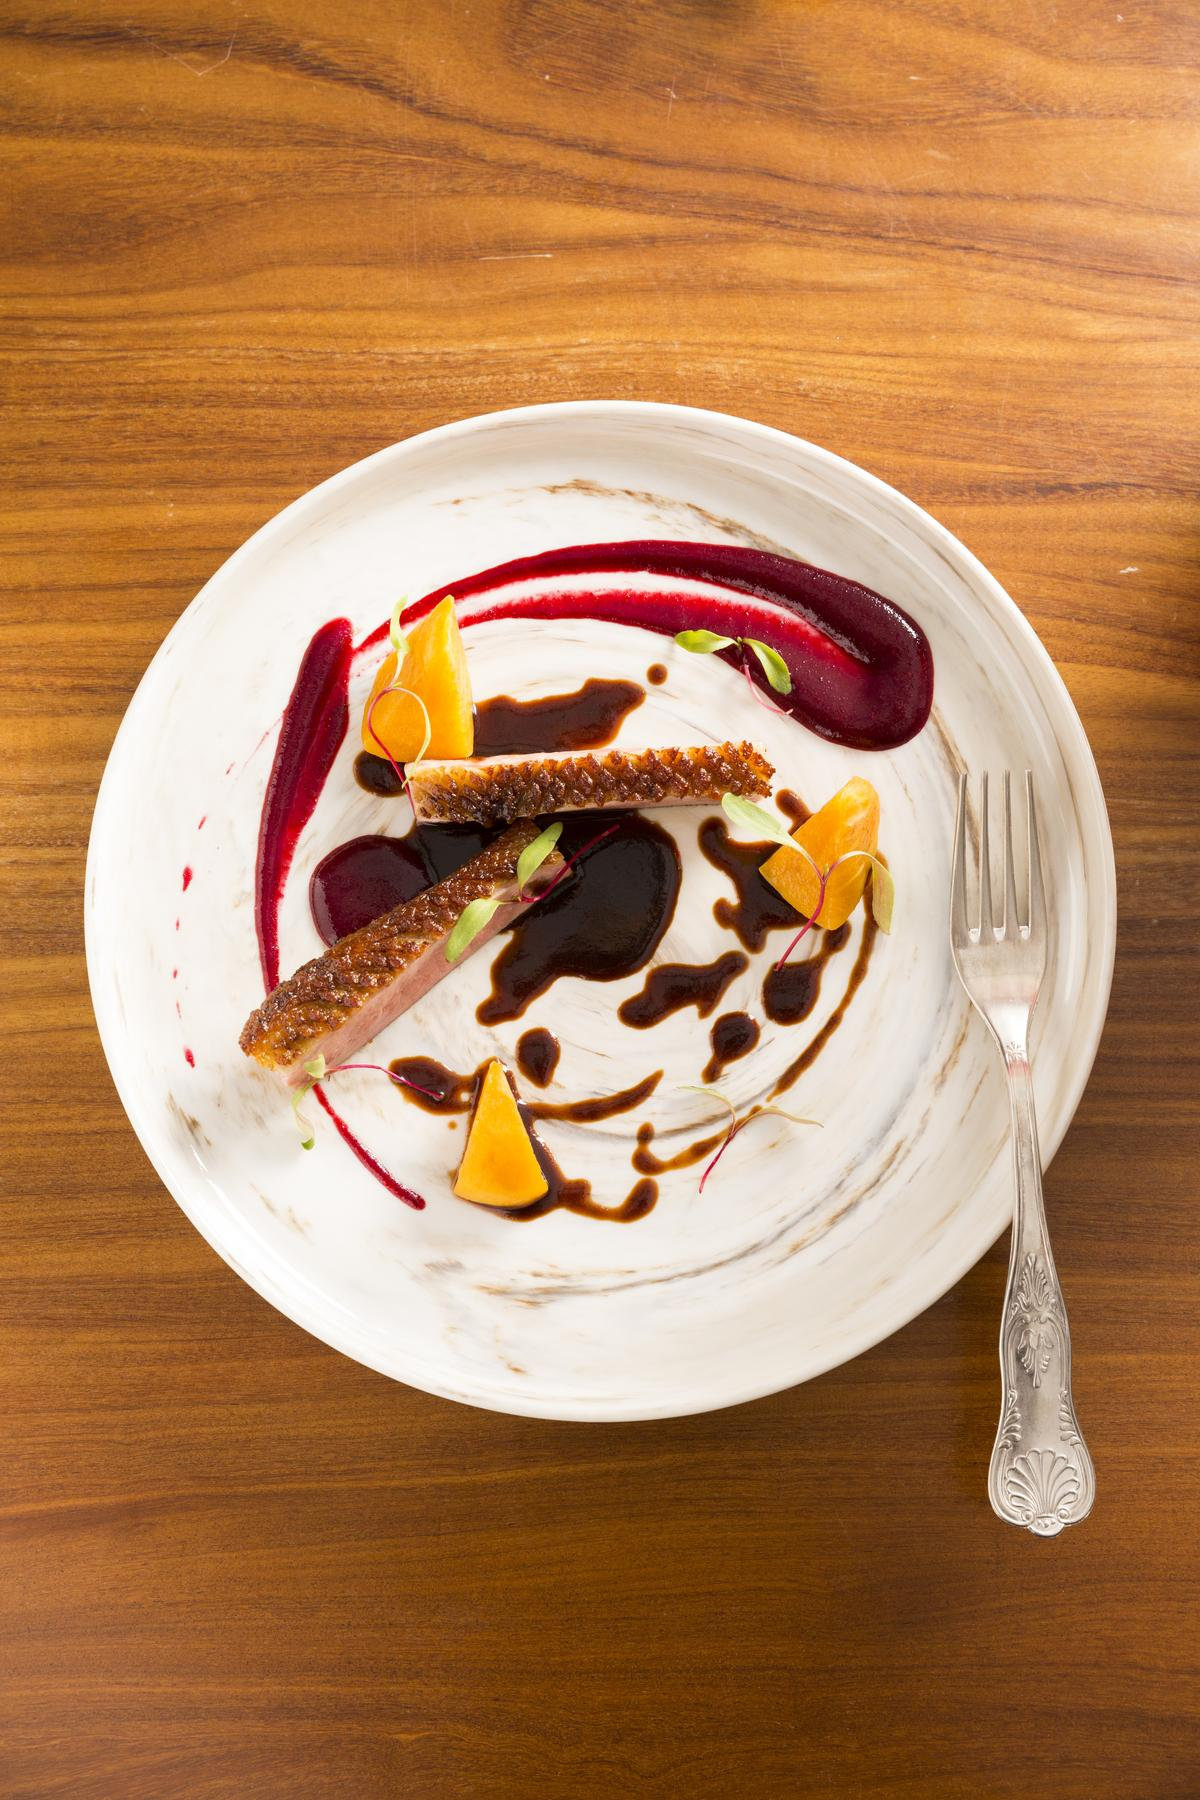 「櫻花鴨胸」搭配「小雪」,以黑櫻桃醬補上酒的莓果香氣。(780元/份)